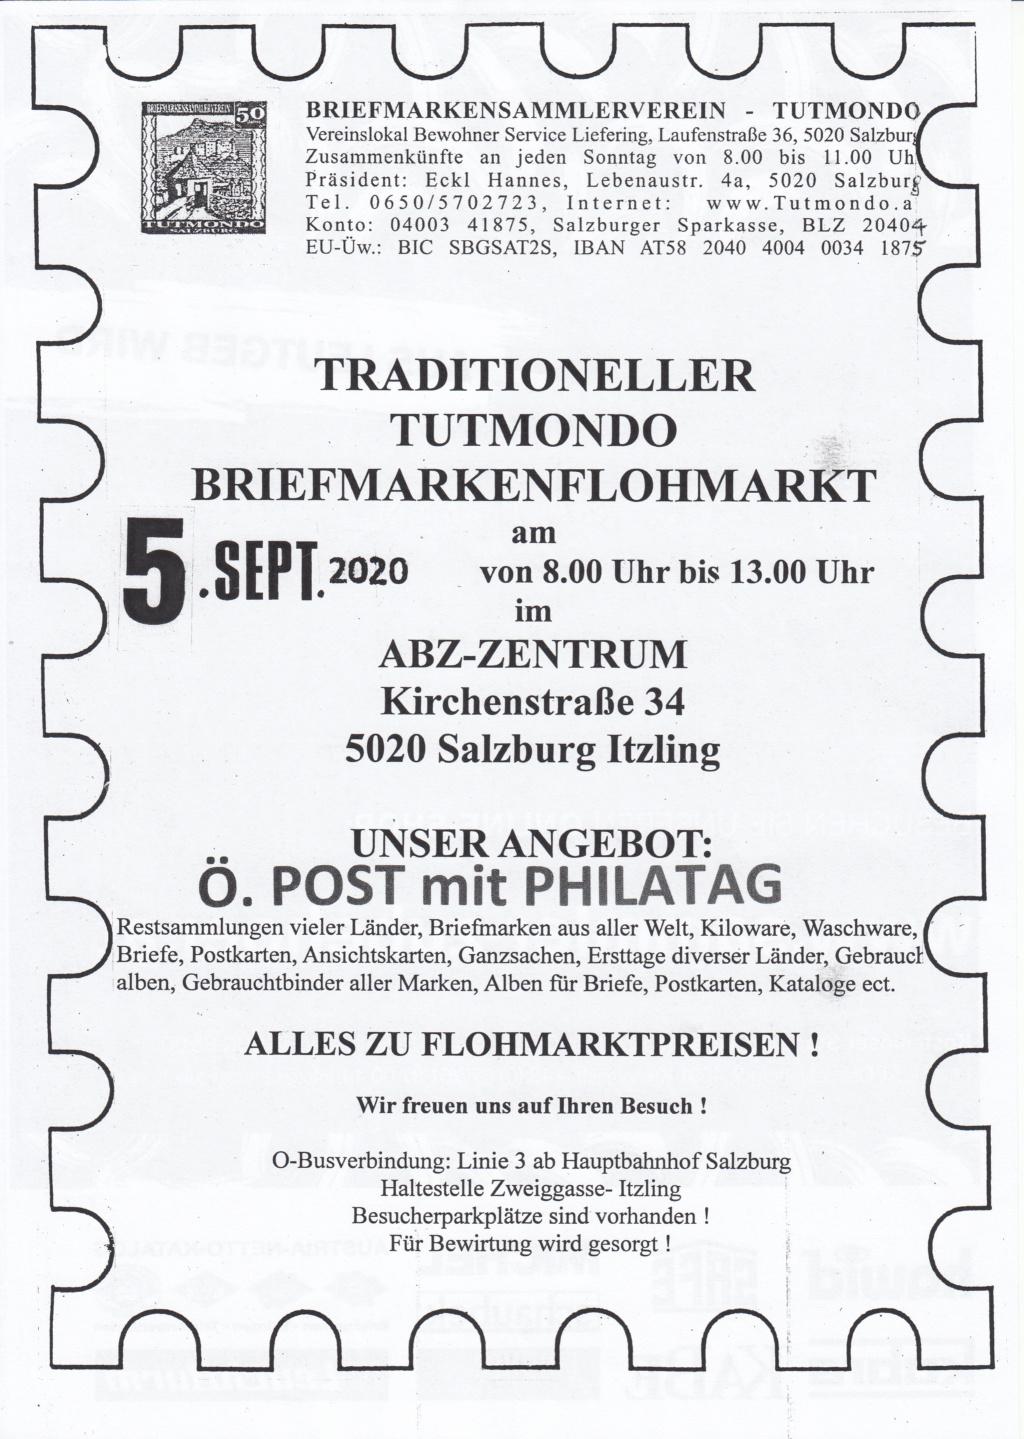 Tutmondo Briefmarkenflohmarkt in Salzburg Img382